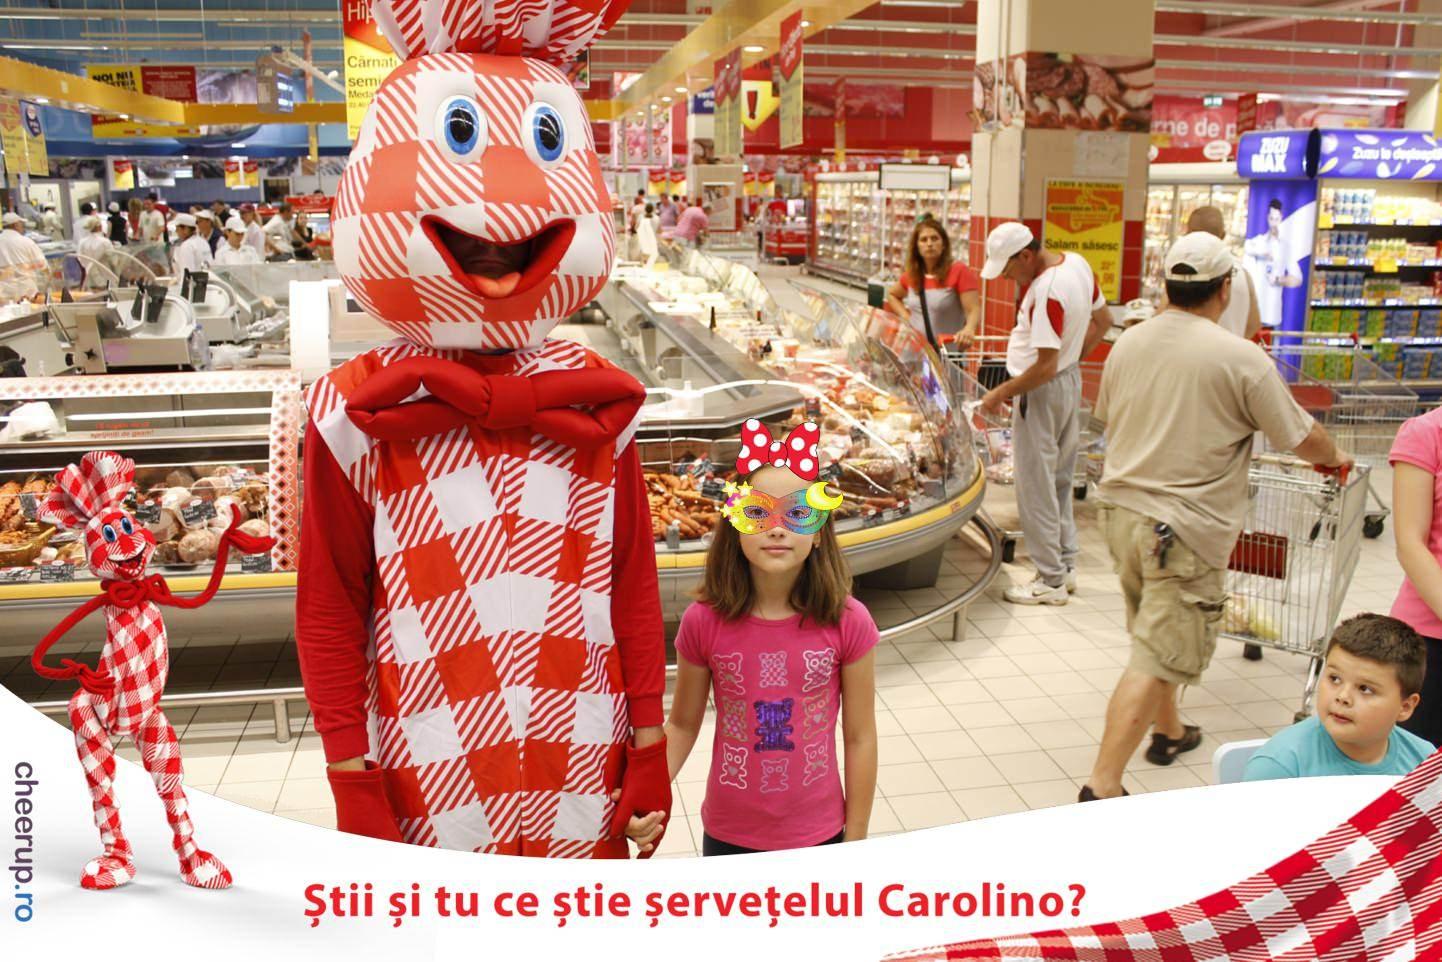 Caroli_Servetel